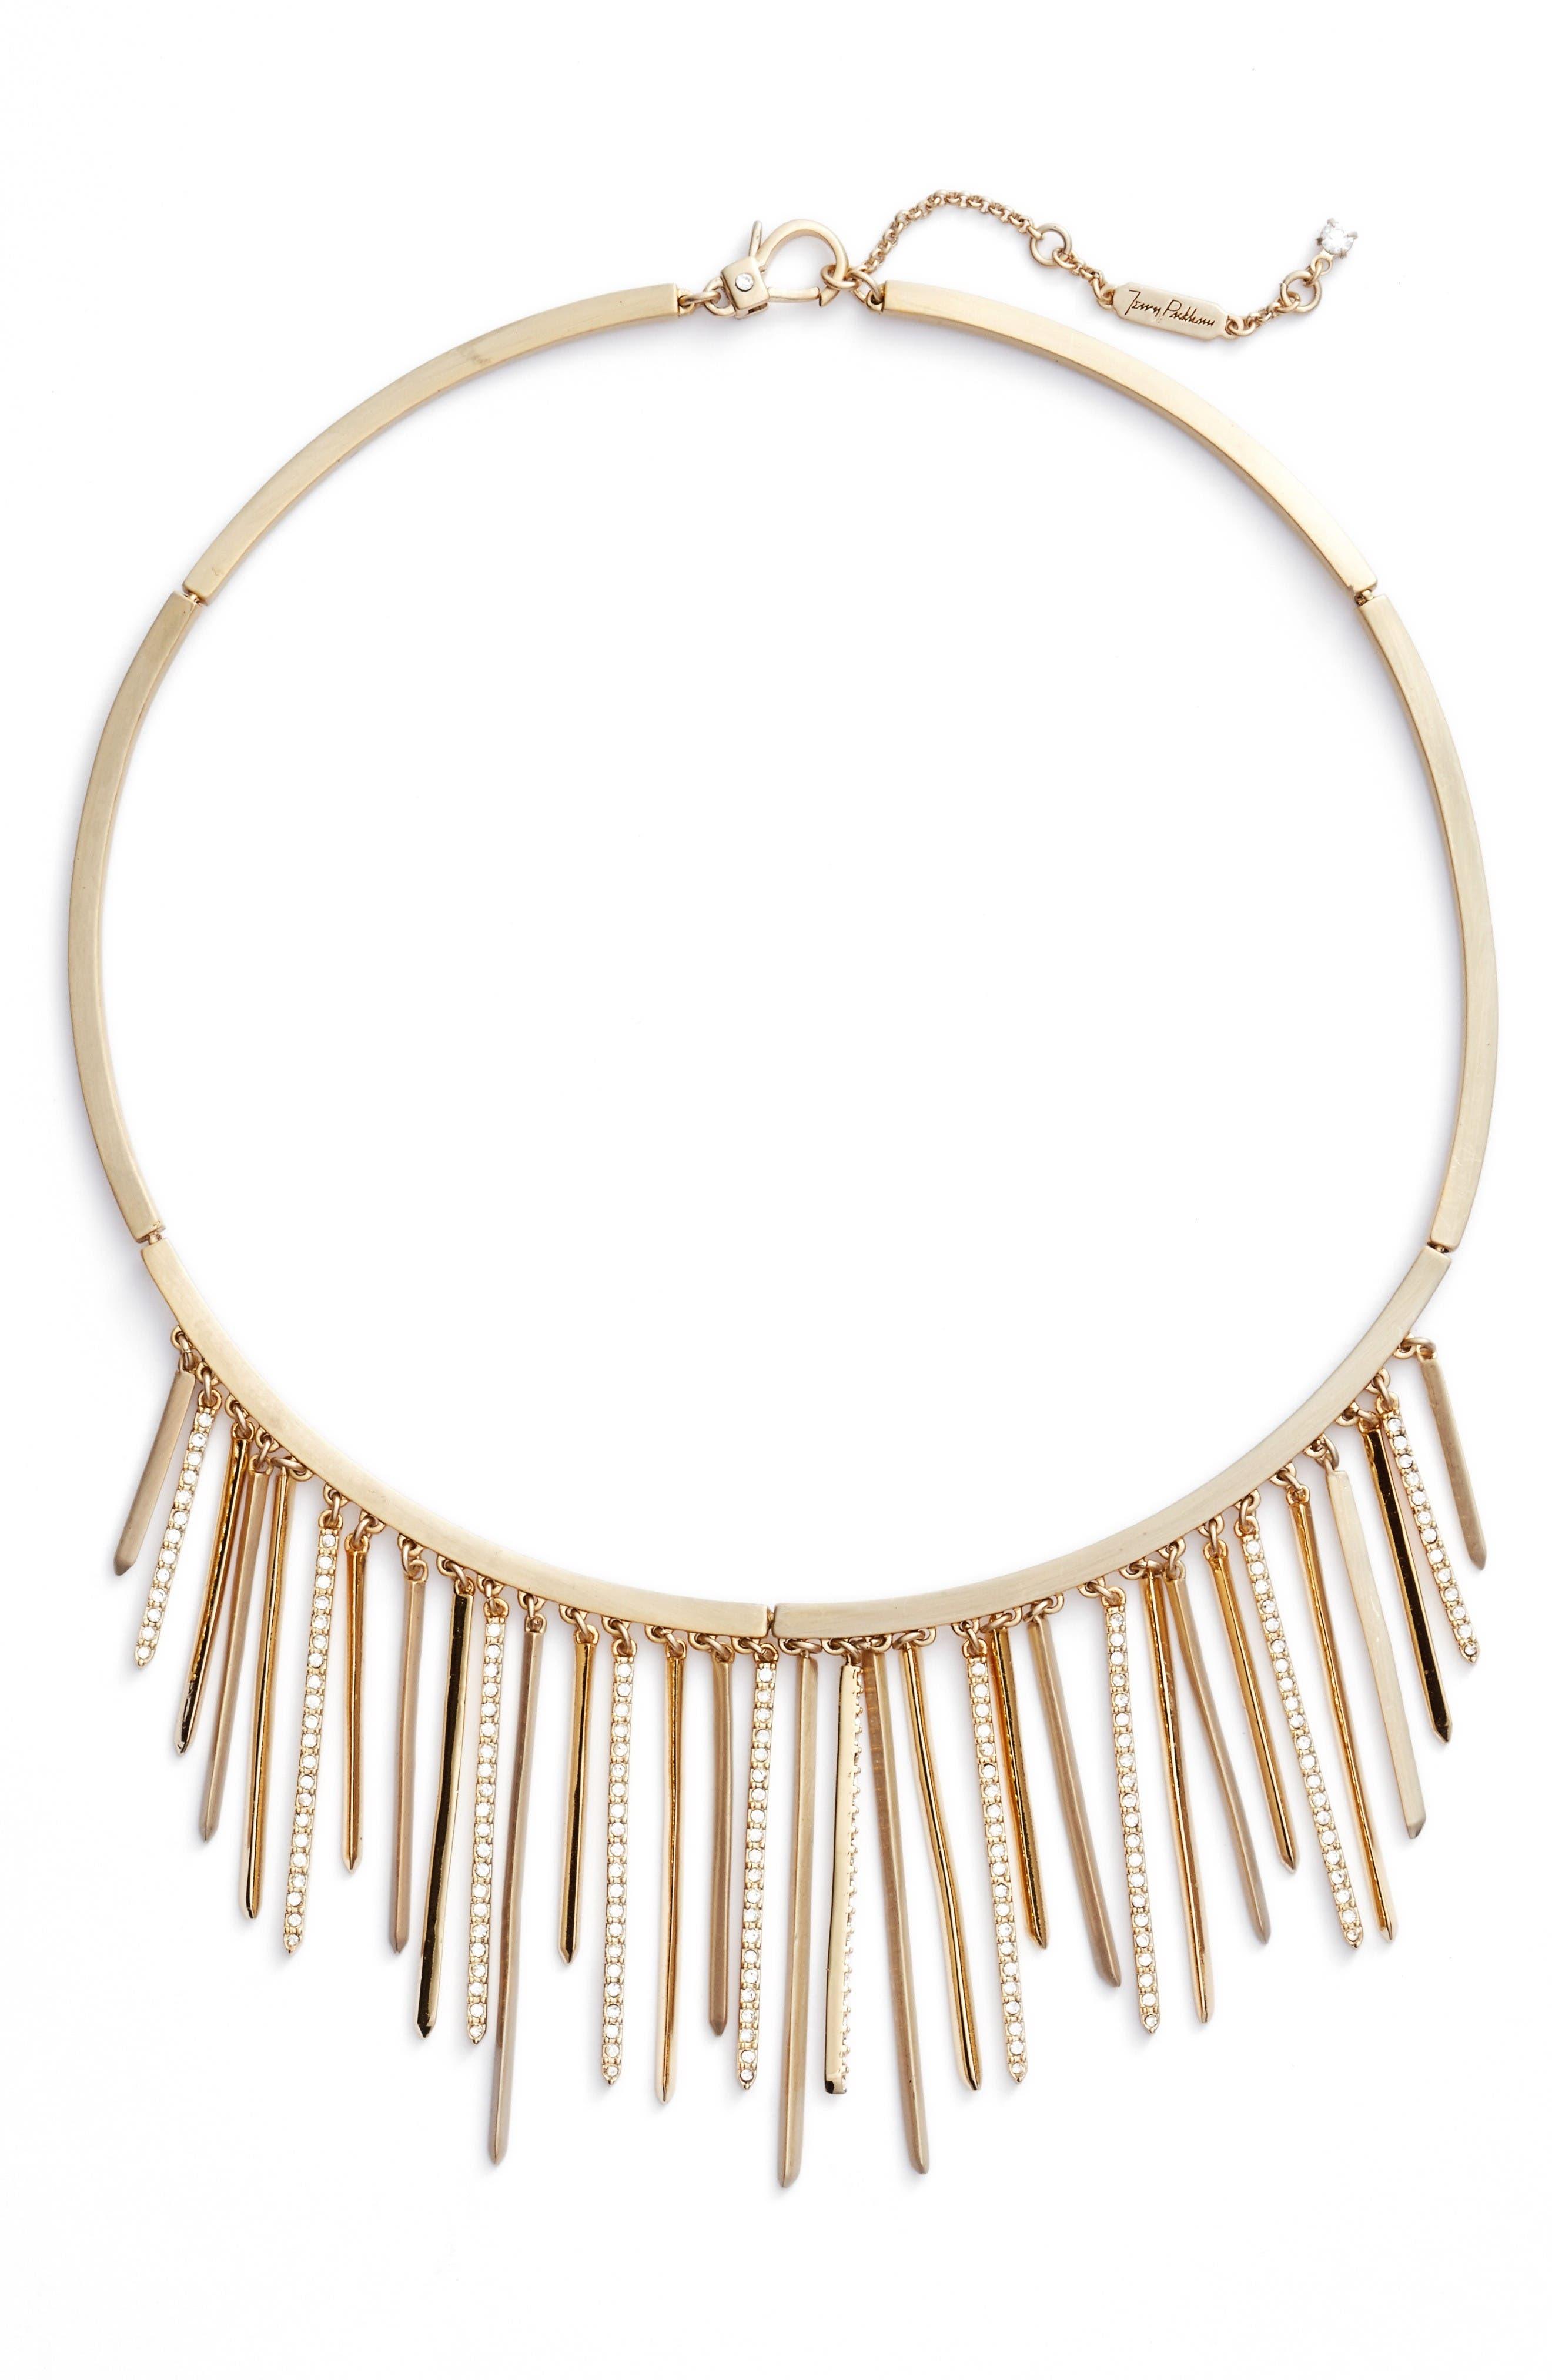 Alternate Image 1 Selected - Jenny Packham Fringe Frontal Necklace